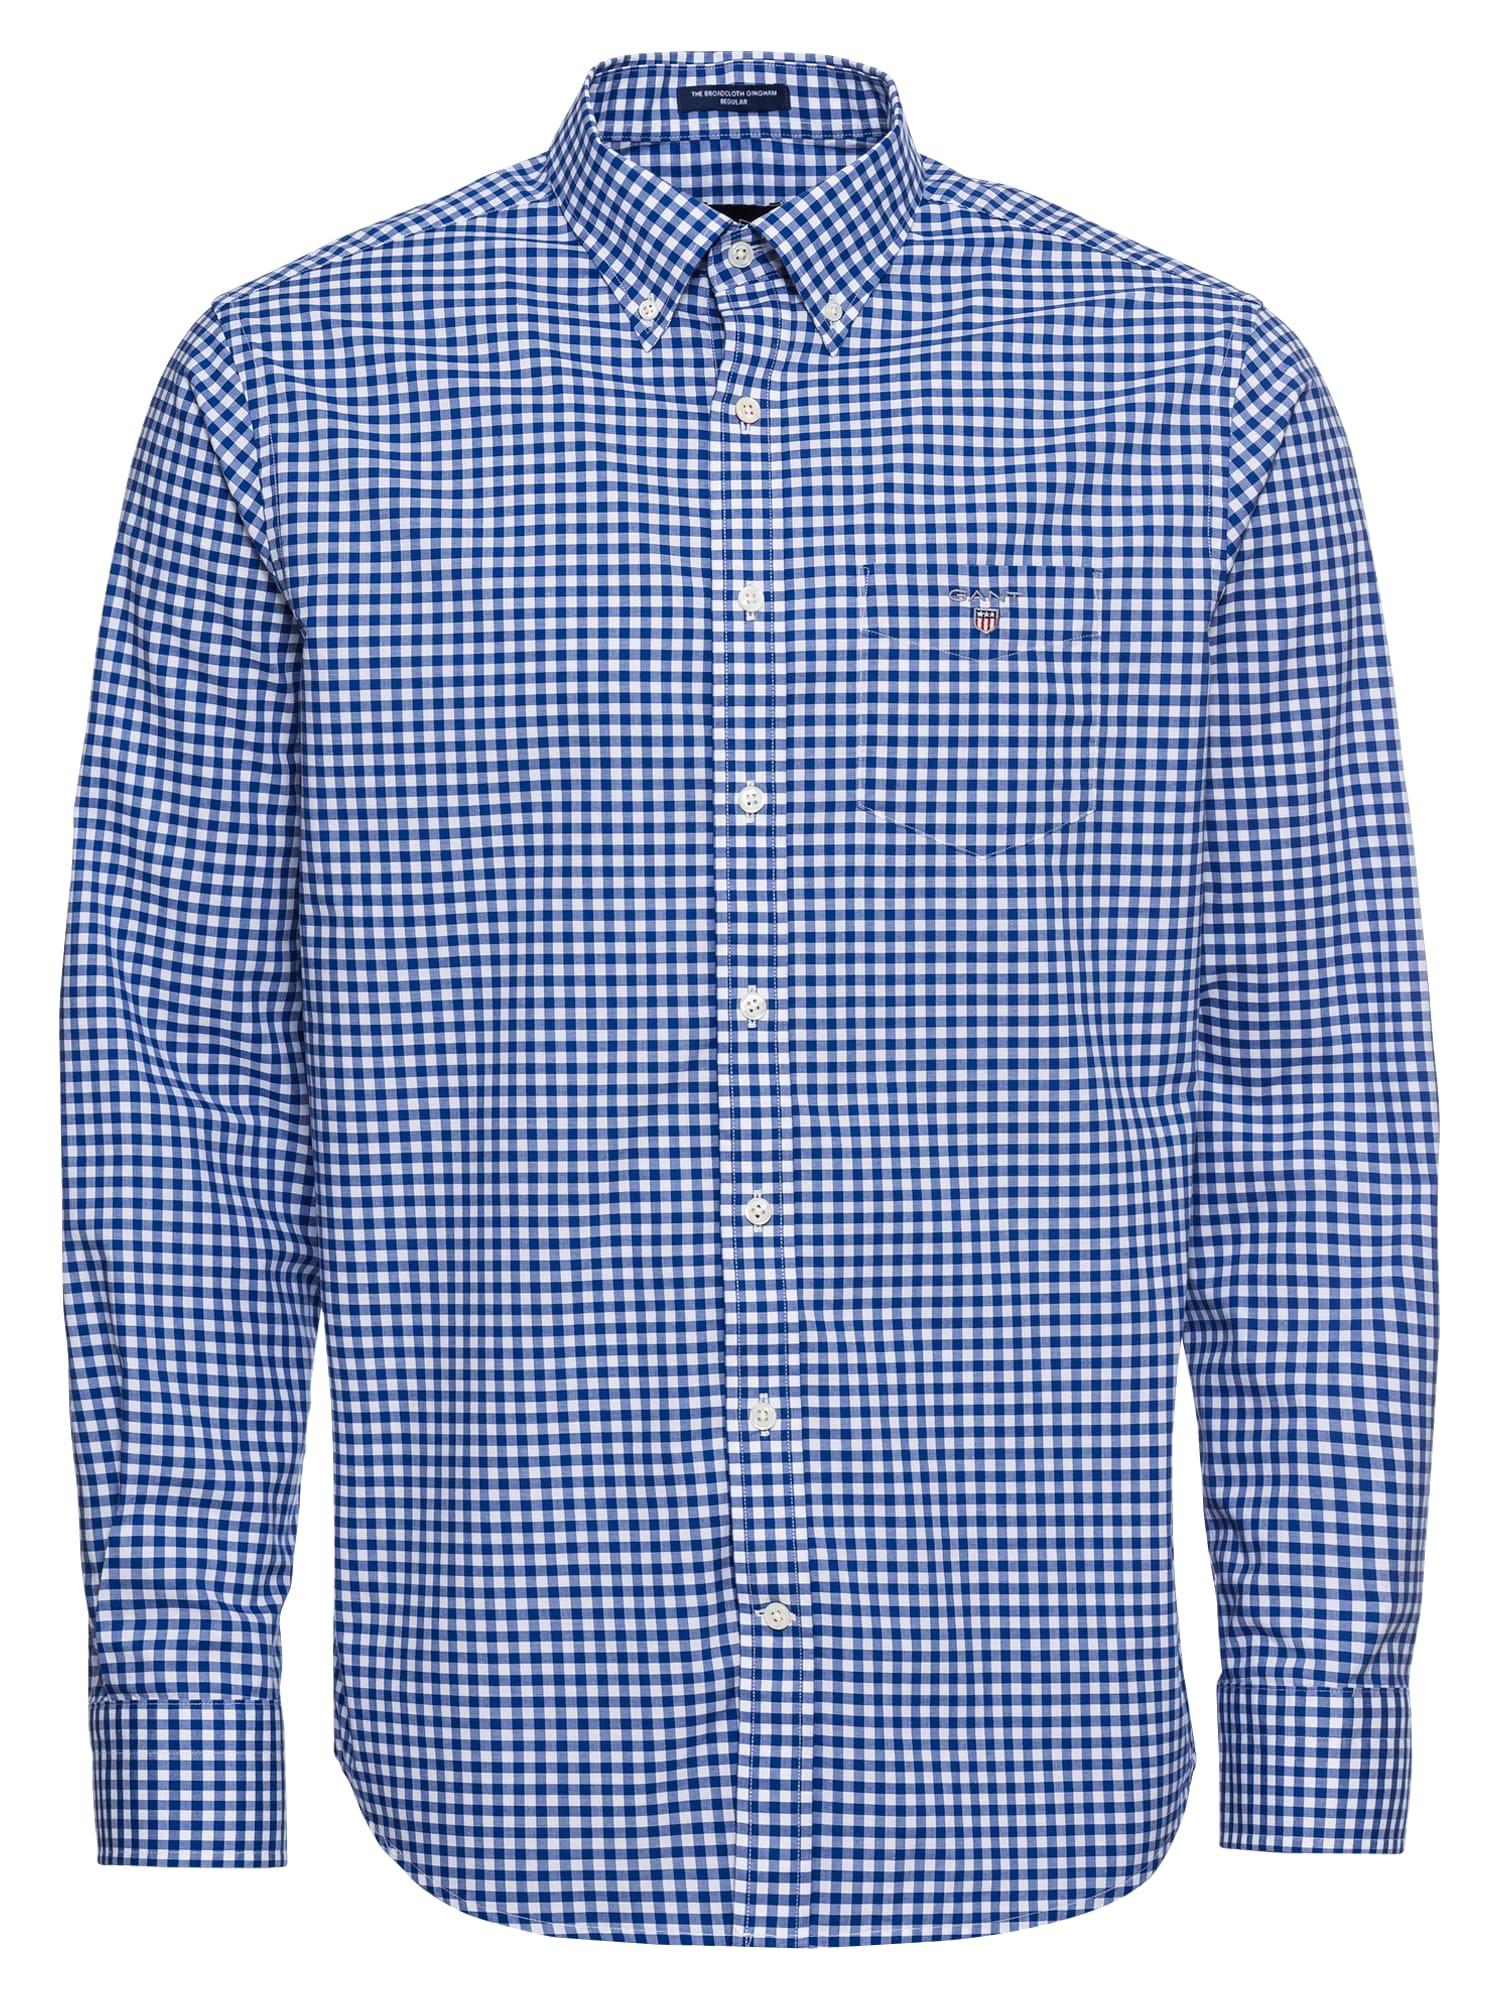 Košile THE BROADCLOTH modrá bílá GANT